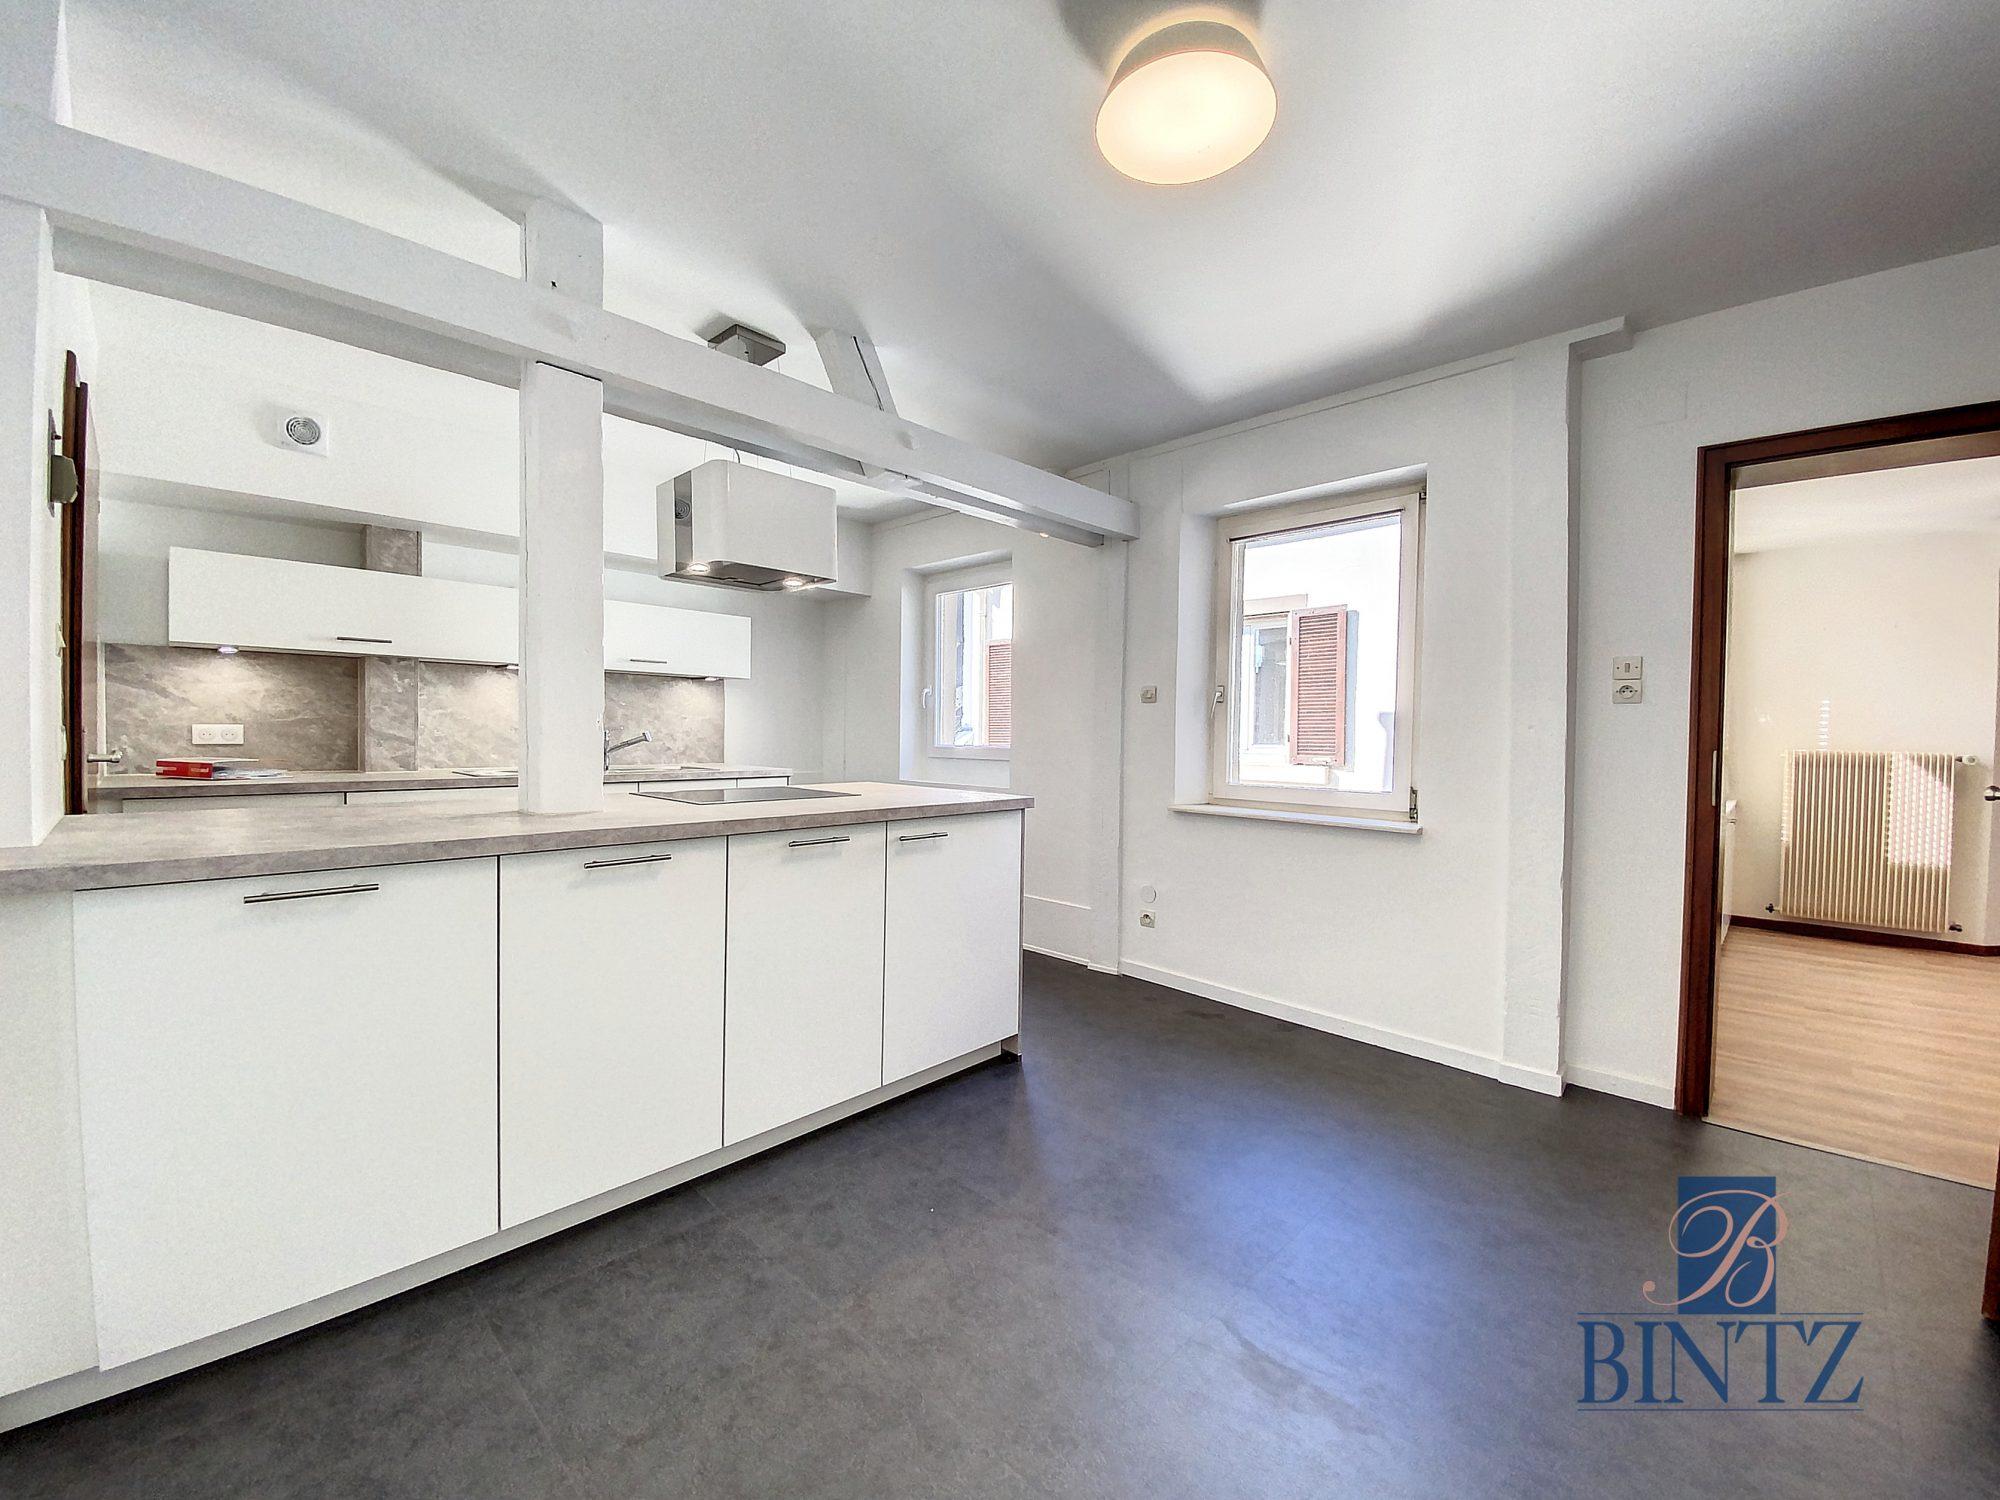 DUPLEX avec terrasse PLACE DE L'UNIVERSITÉ AVEC TERRASSE - Devenez locataire en toute sérénité - Bintz Immobilier - 7